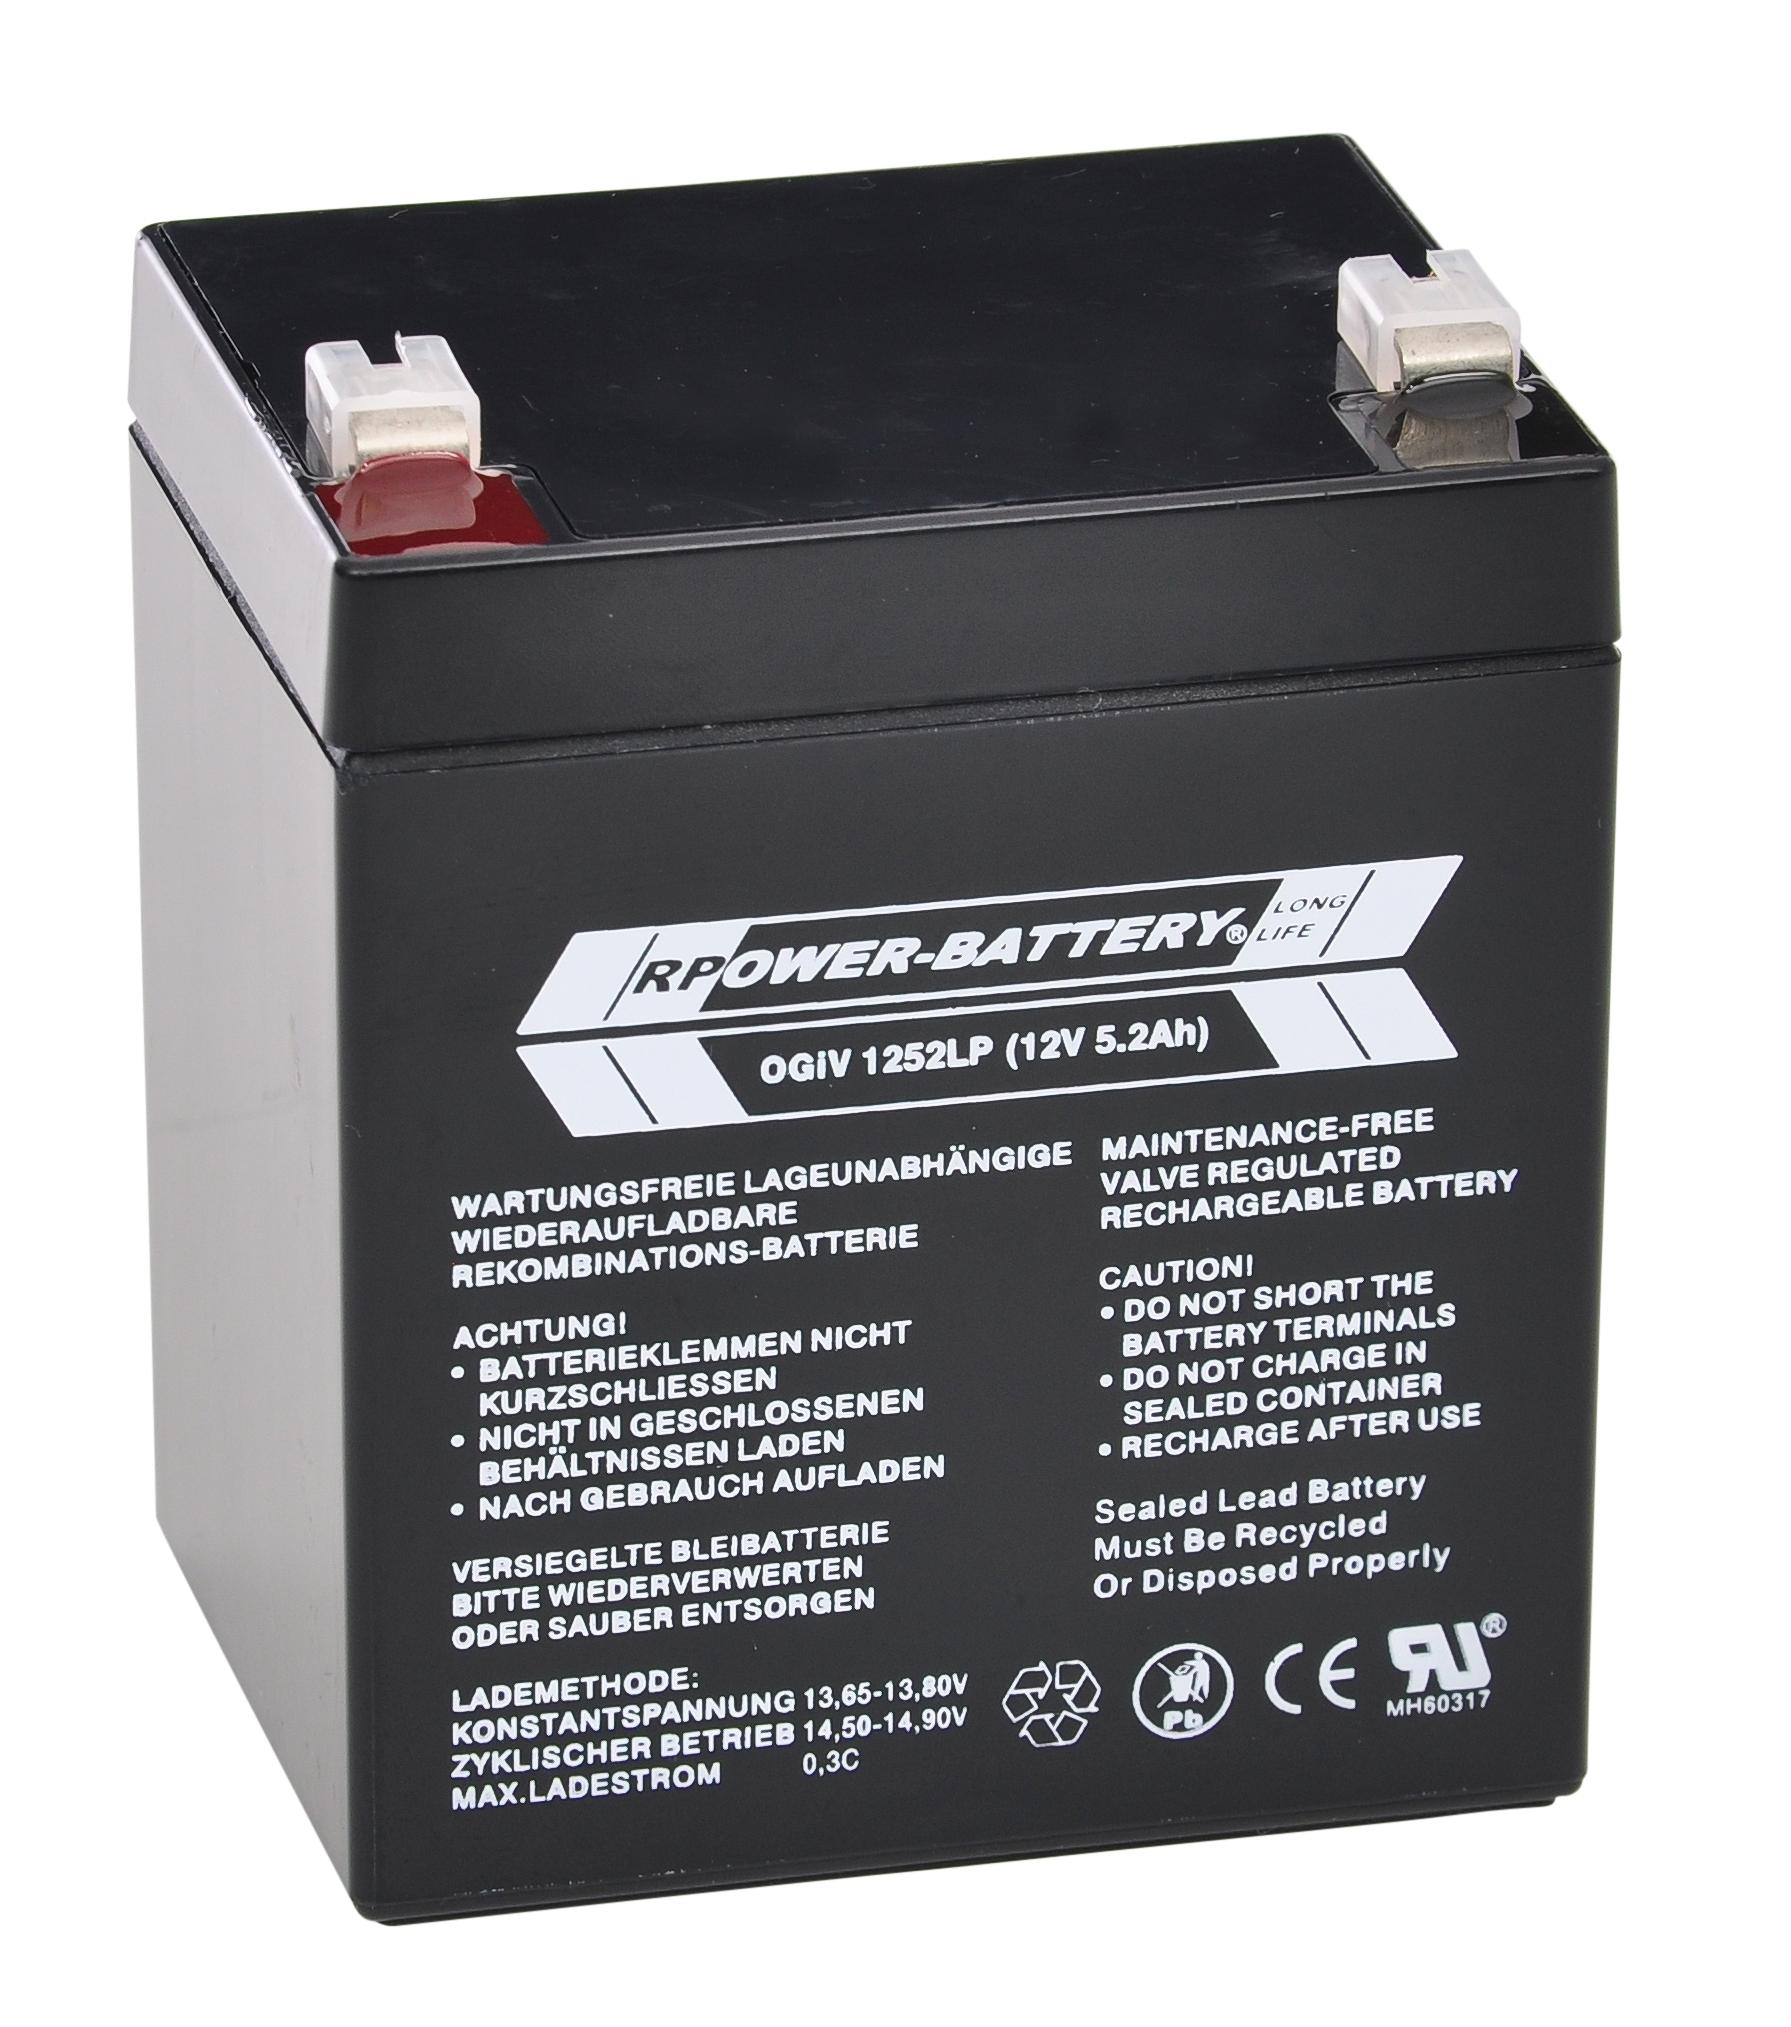 Batterie RPower OGiV longlife bis 12 Jahre 12V / 5,2Ah (C20)